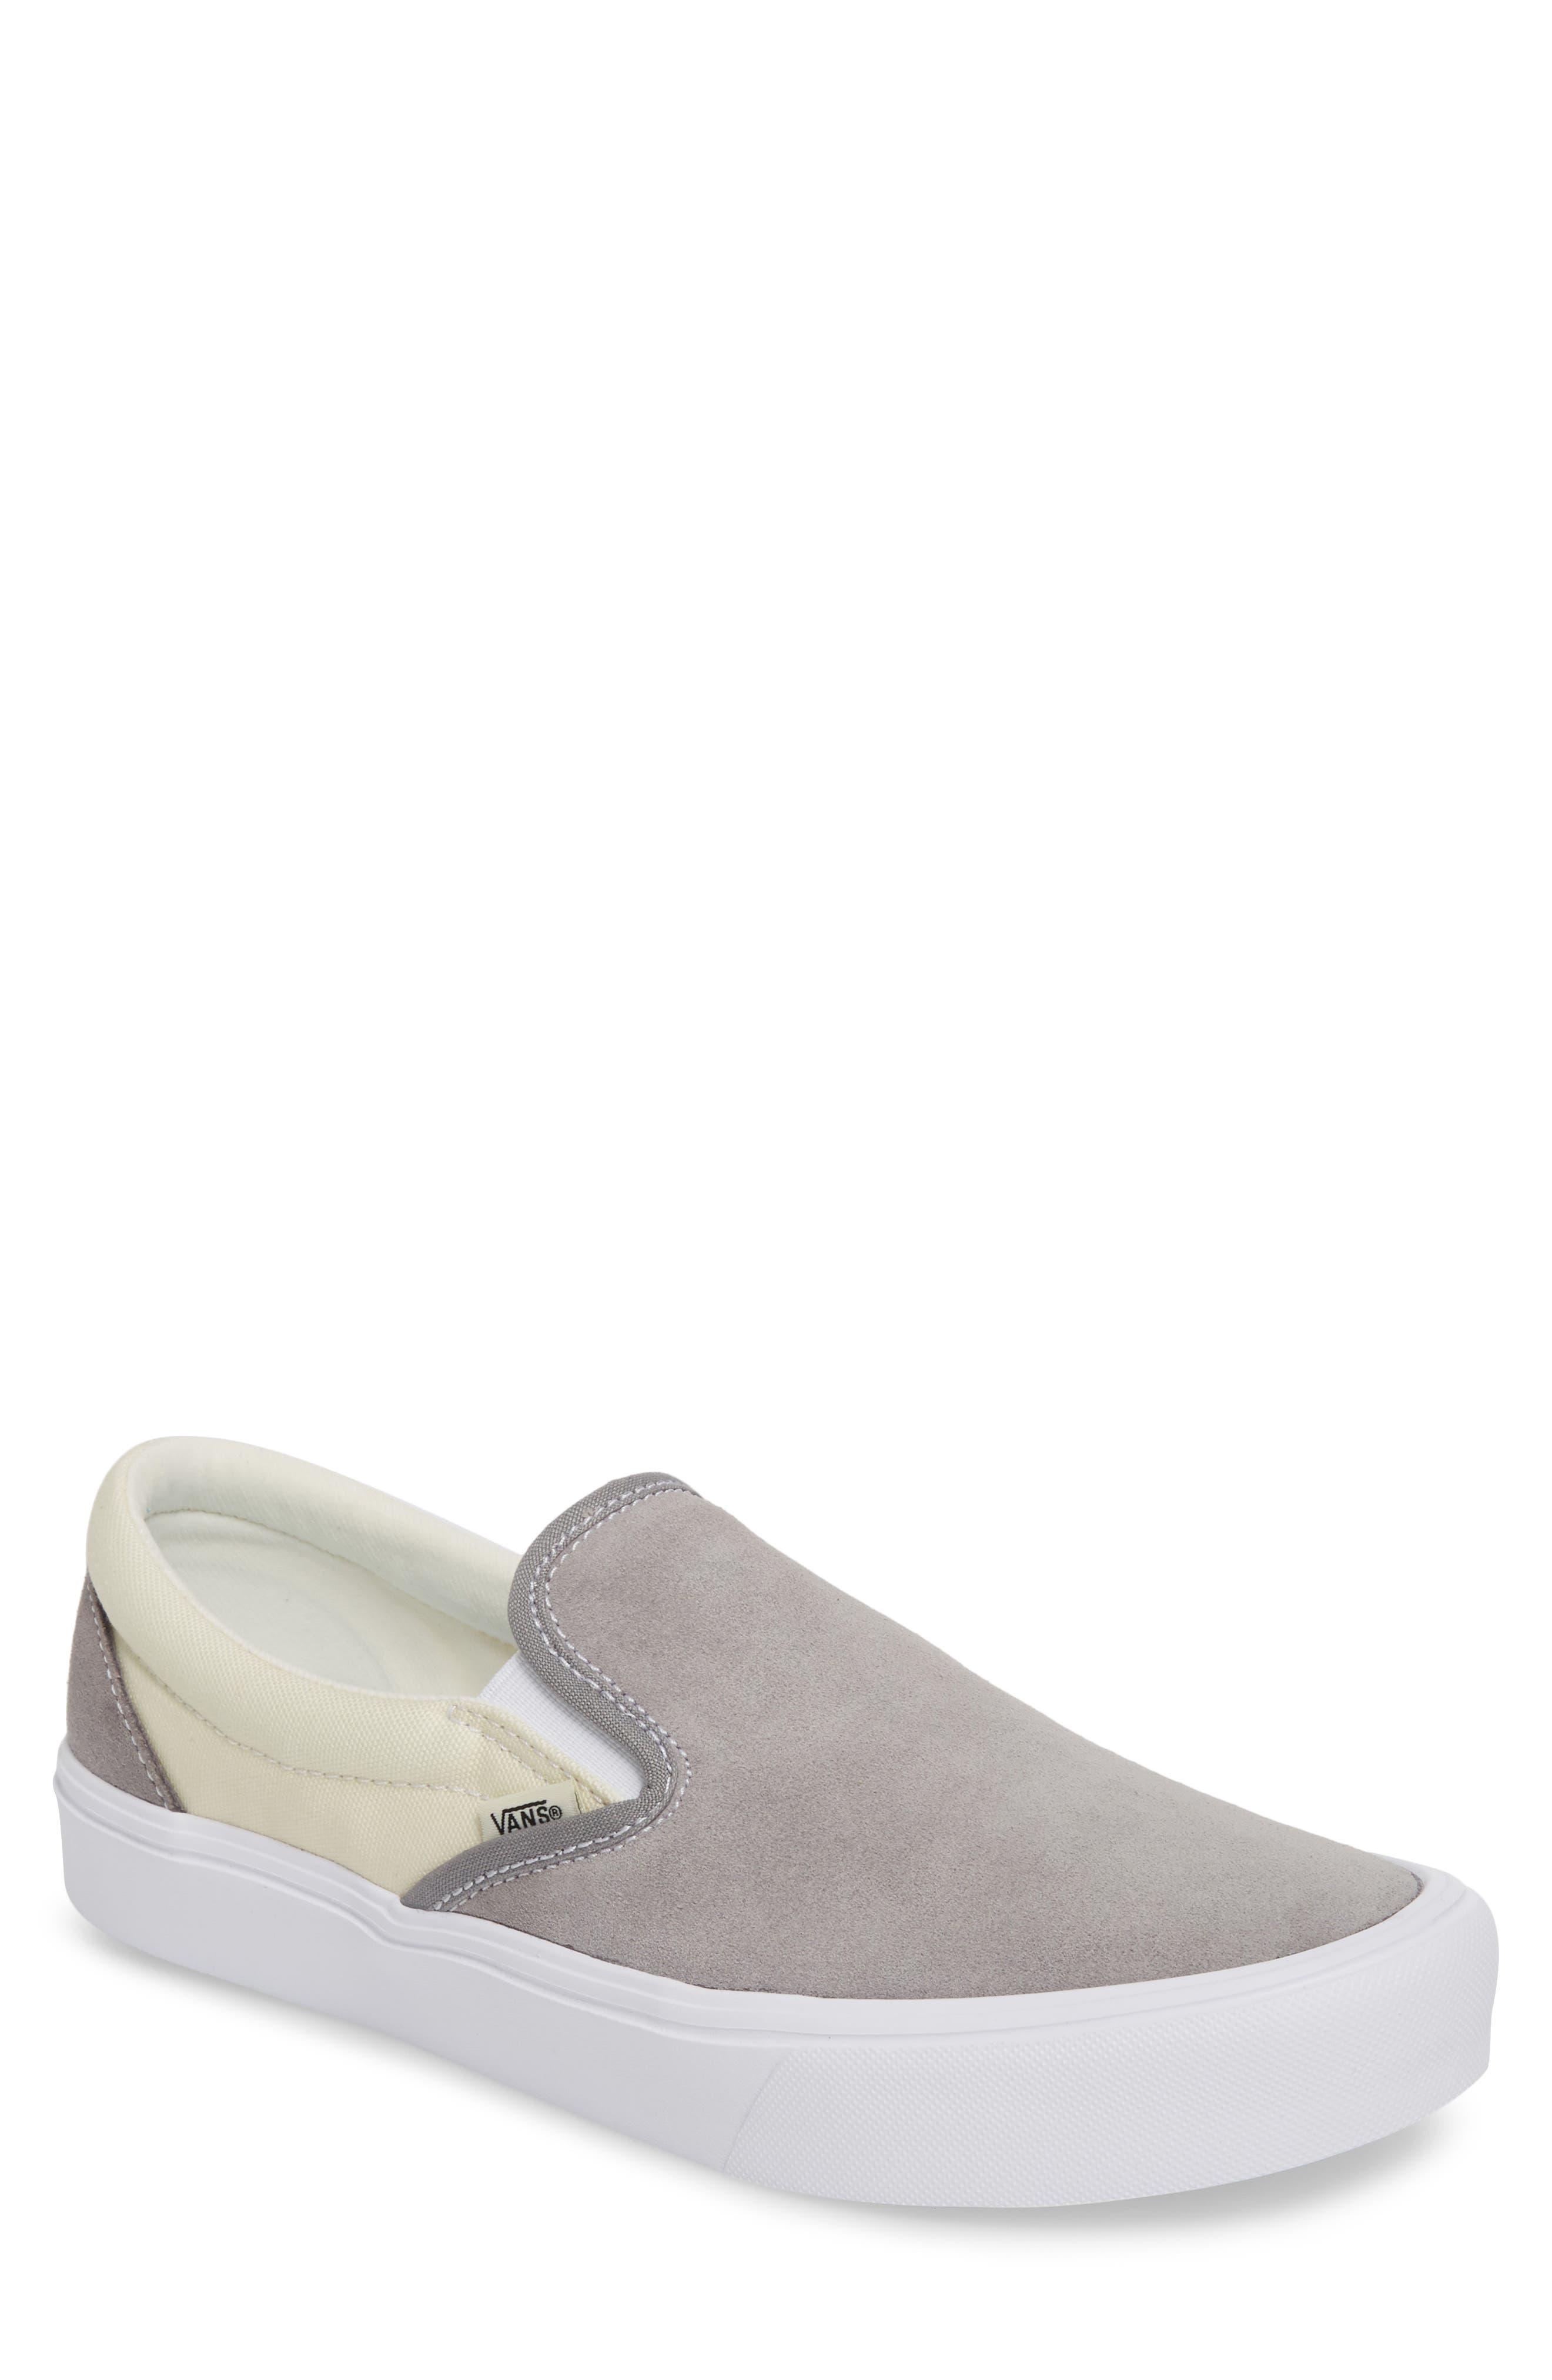 Lite Slip-On Sneaker,                             Main thumbnail 1, color,                             030